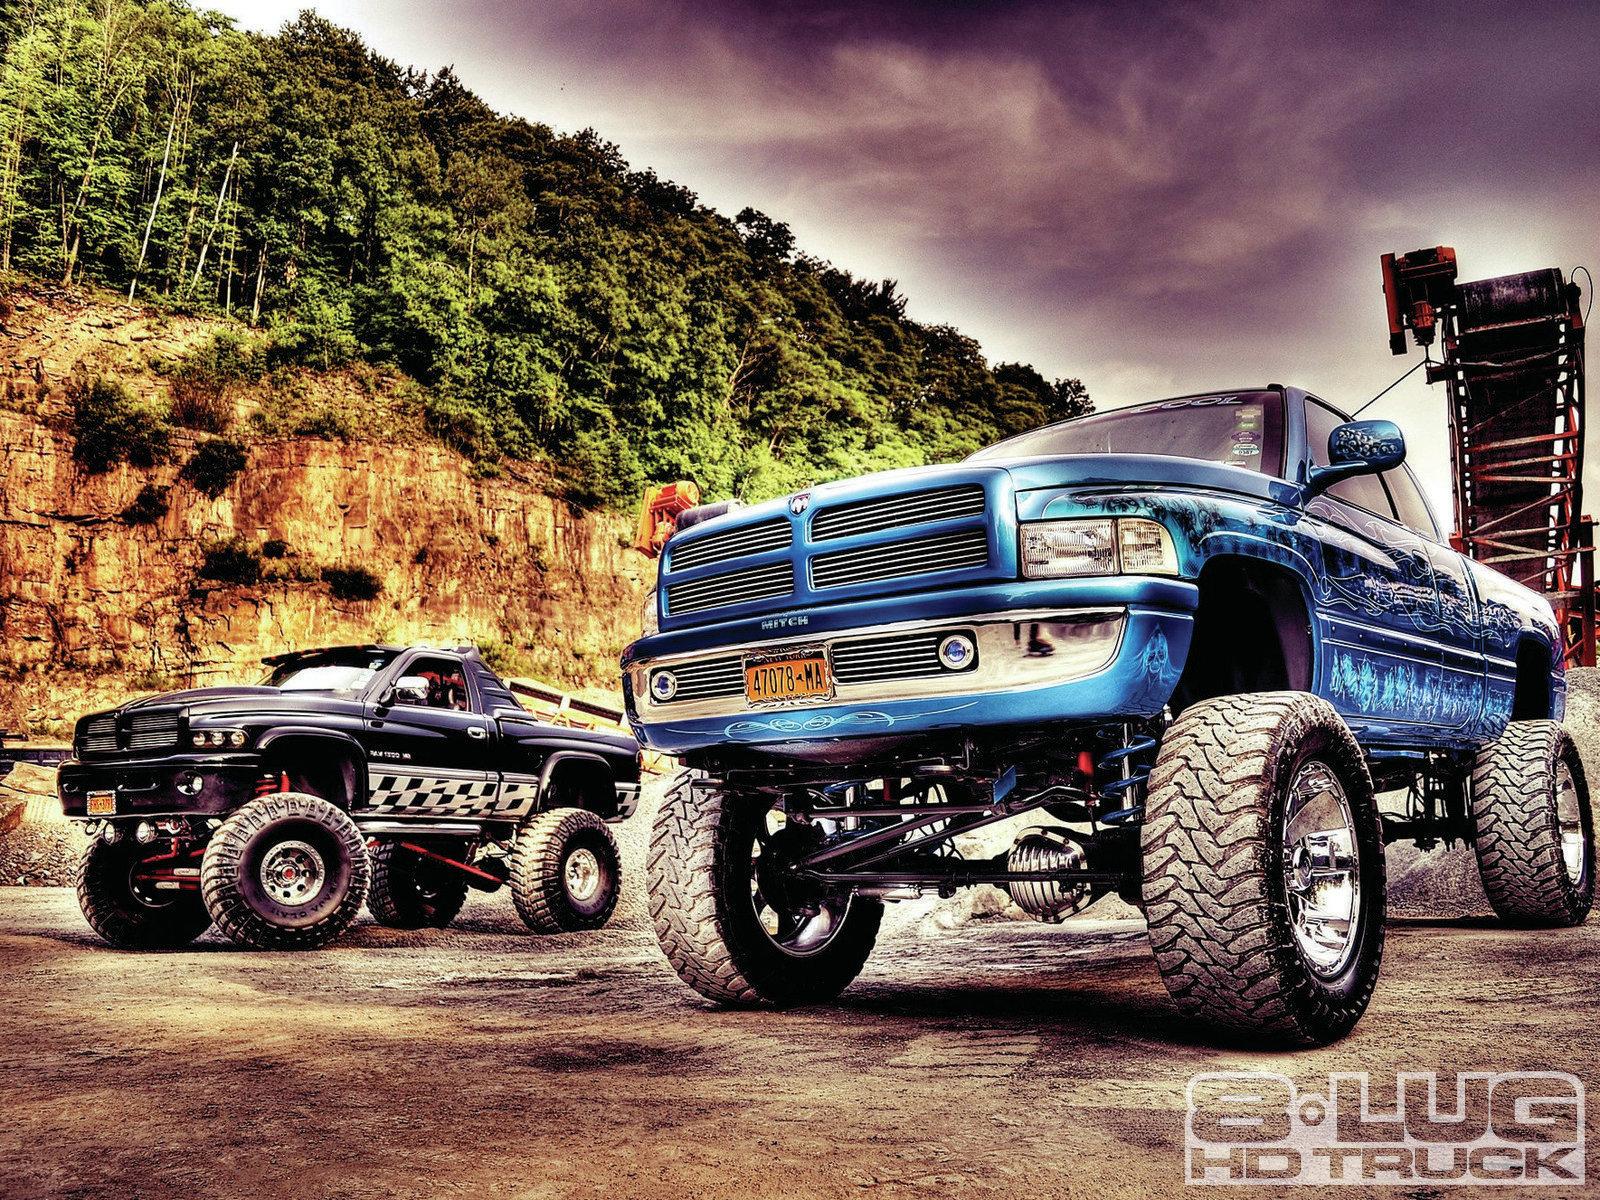 Video Description Lifted diesel dodge ram truck over heats doing a 1600x1200